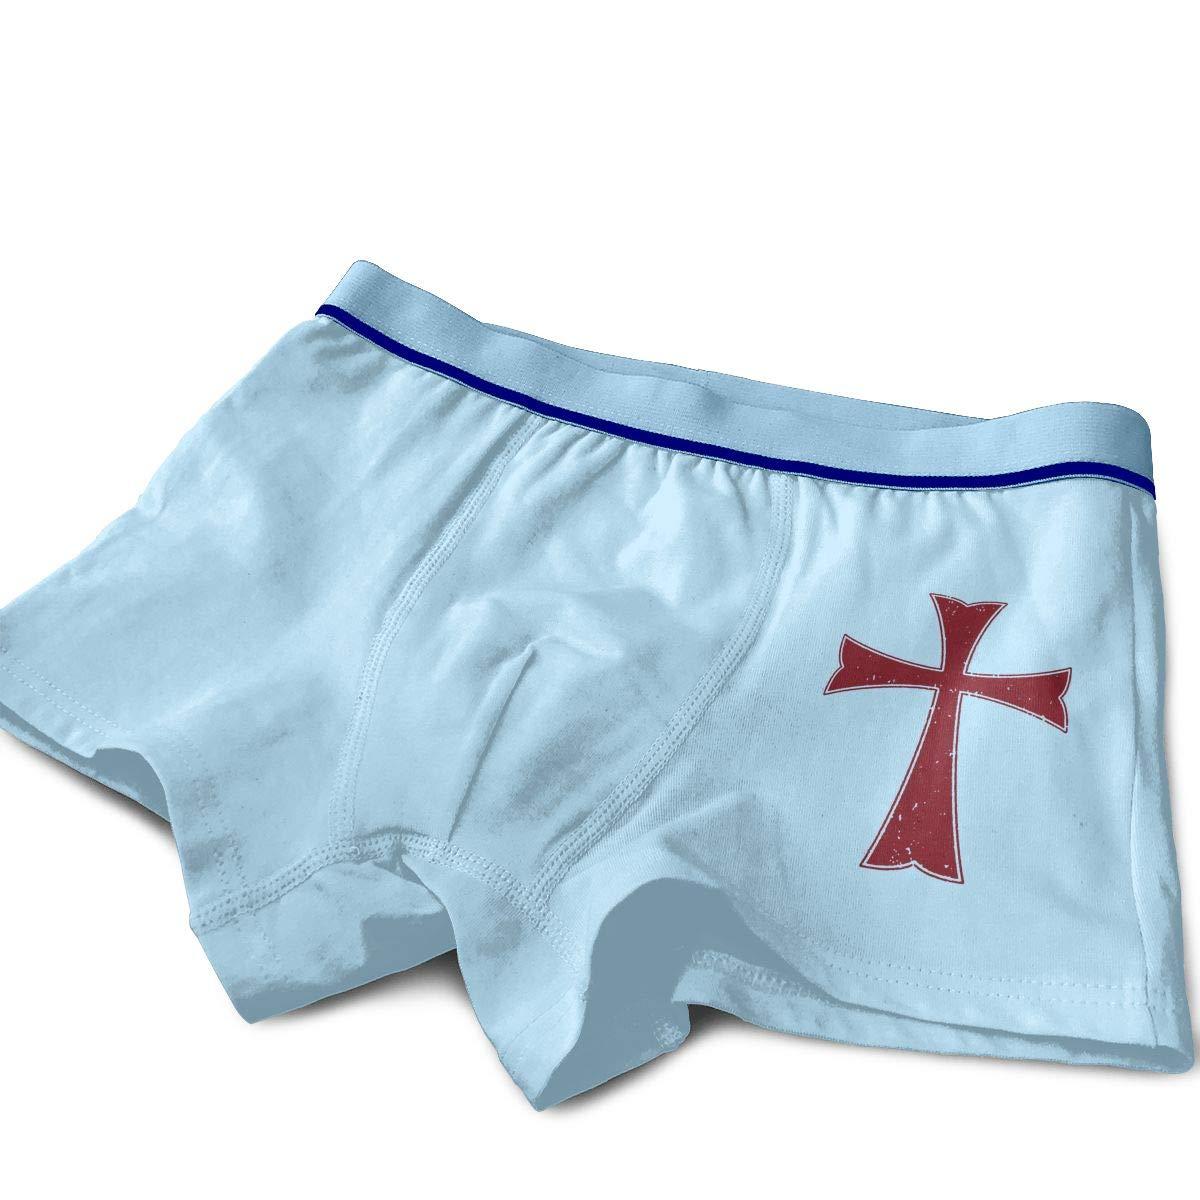 Knights Templar Crusader Cross Teenage Cotton Boxer Briefs Underwear